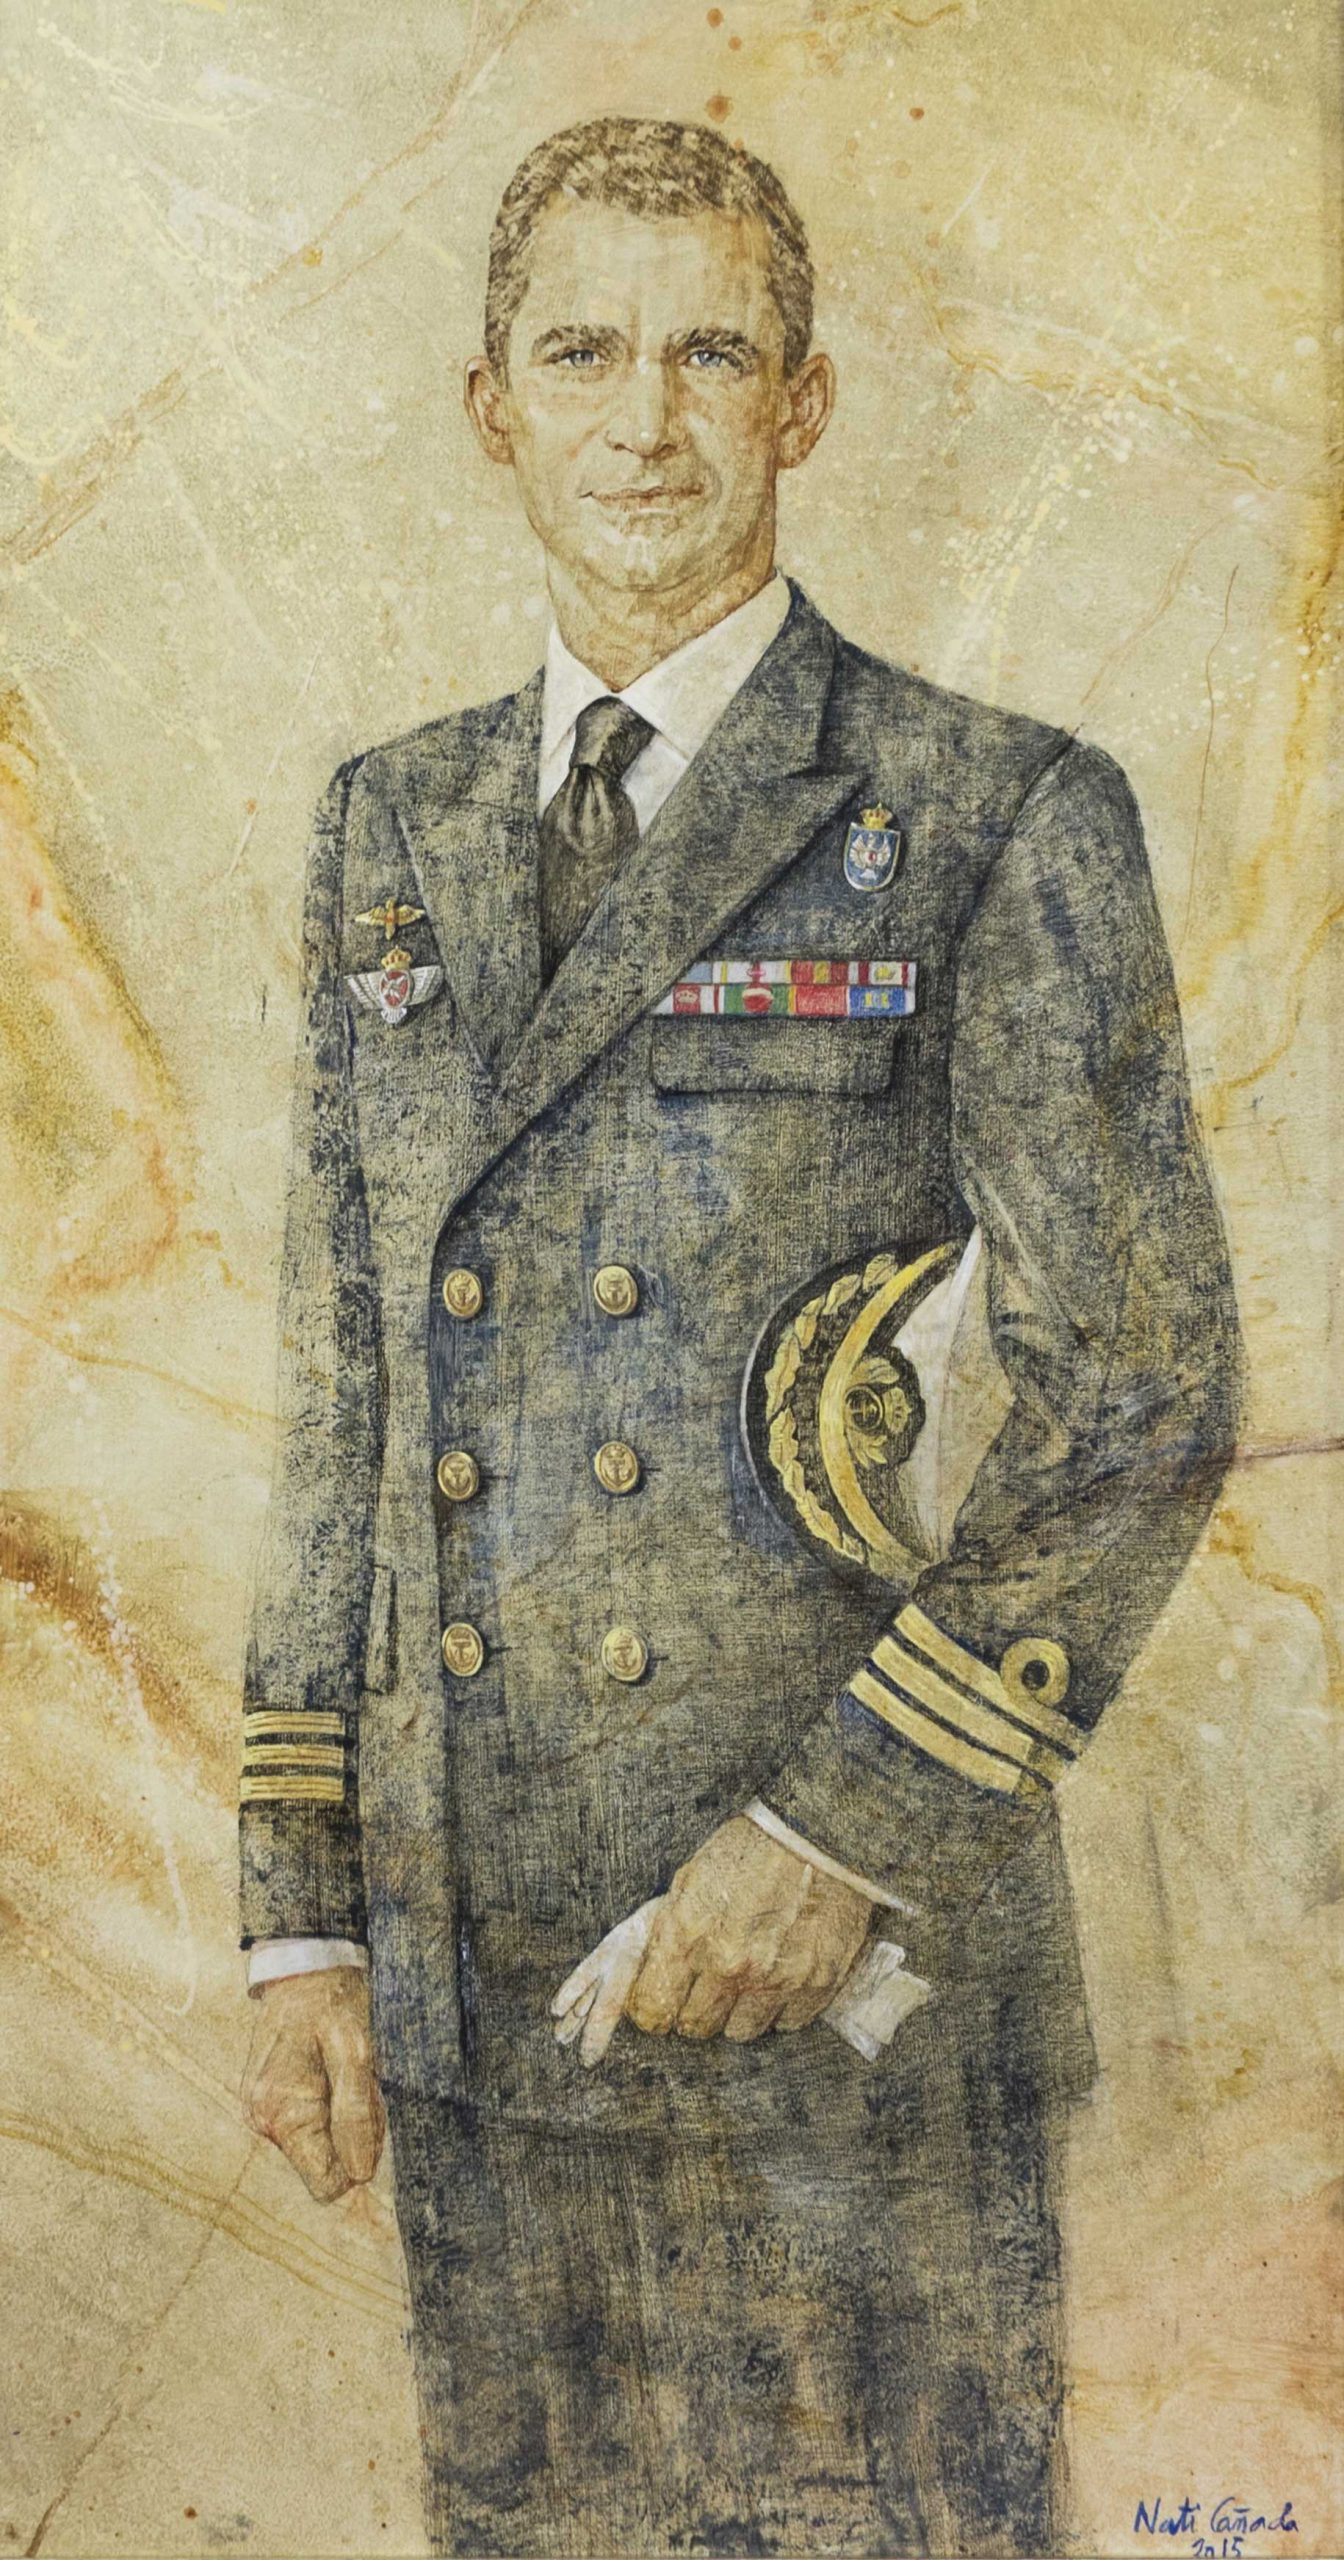 Retrato de S.M. el Rey Felipe VI - Nati Cañada Image